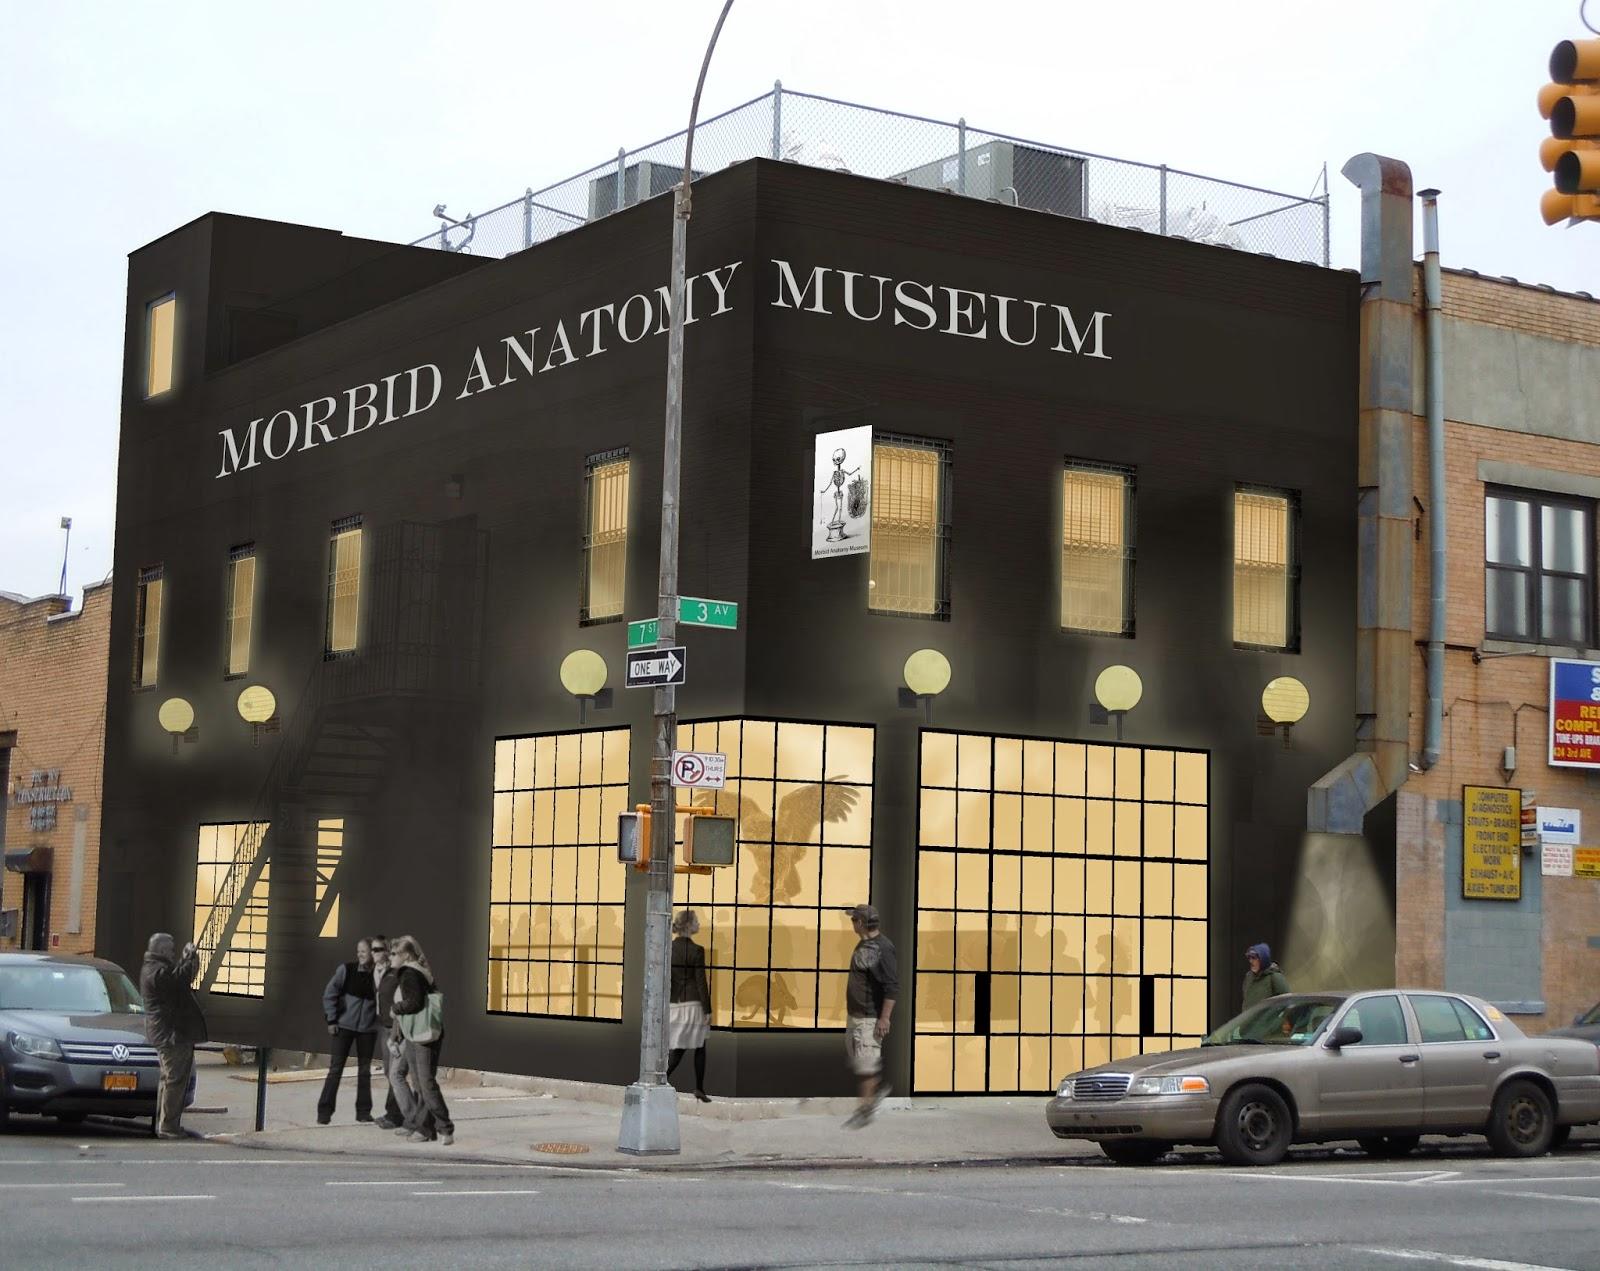 Morbid Anatomy Museum image